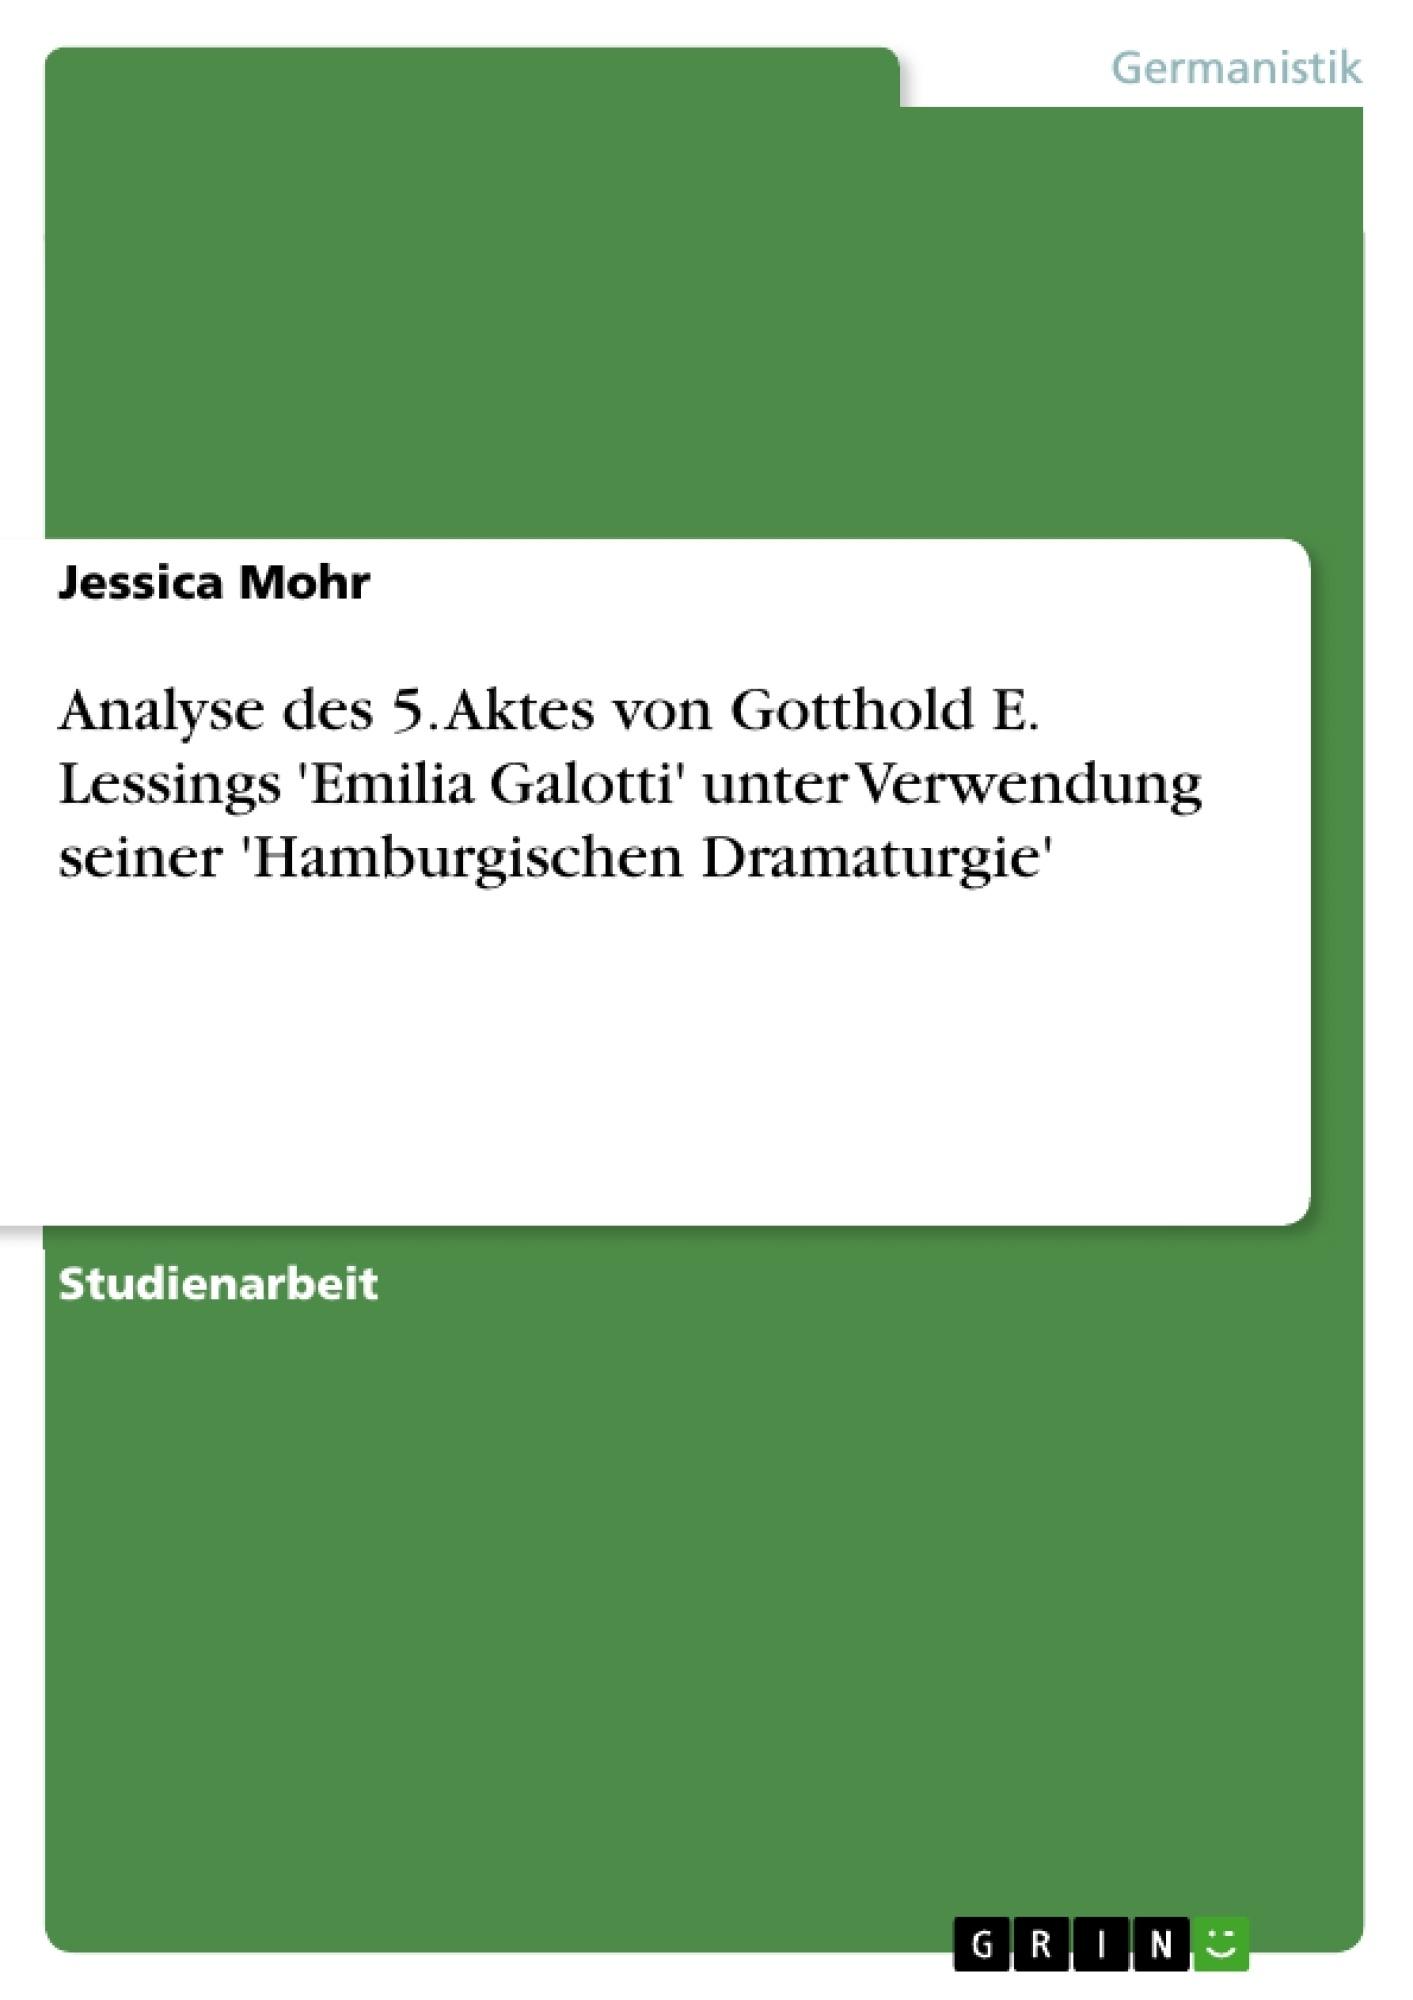 Titel: Analyse des 5. Aktes von Gotthold E. Lessings 'Emilia Galotti' unter Verwendung seiner 'Hamburgischen Dramaturgie'